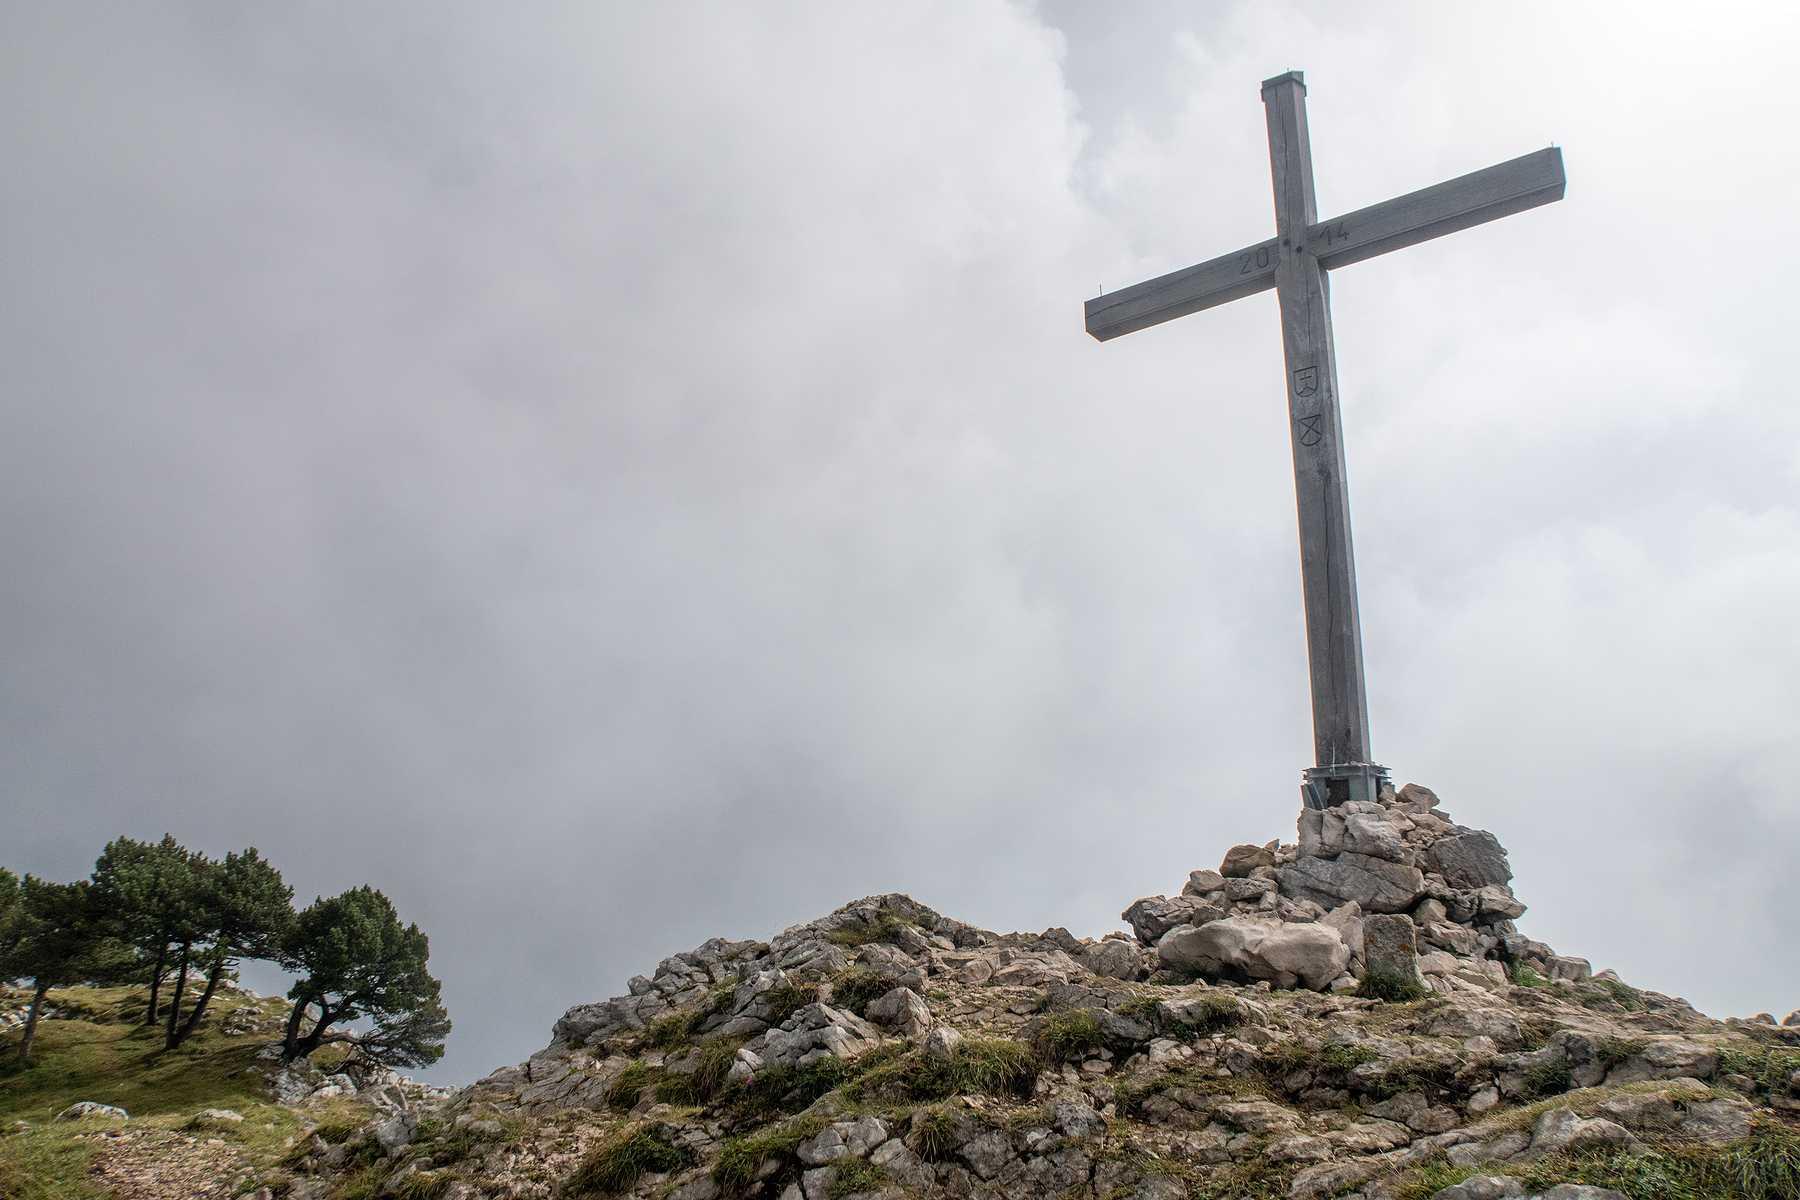 Randonnée aux Aiguilles de Beaulmes et Cave Noire depuis Sainte-Croix